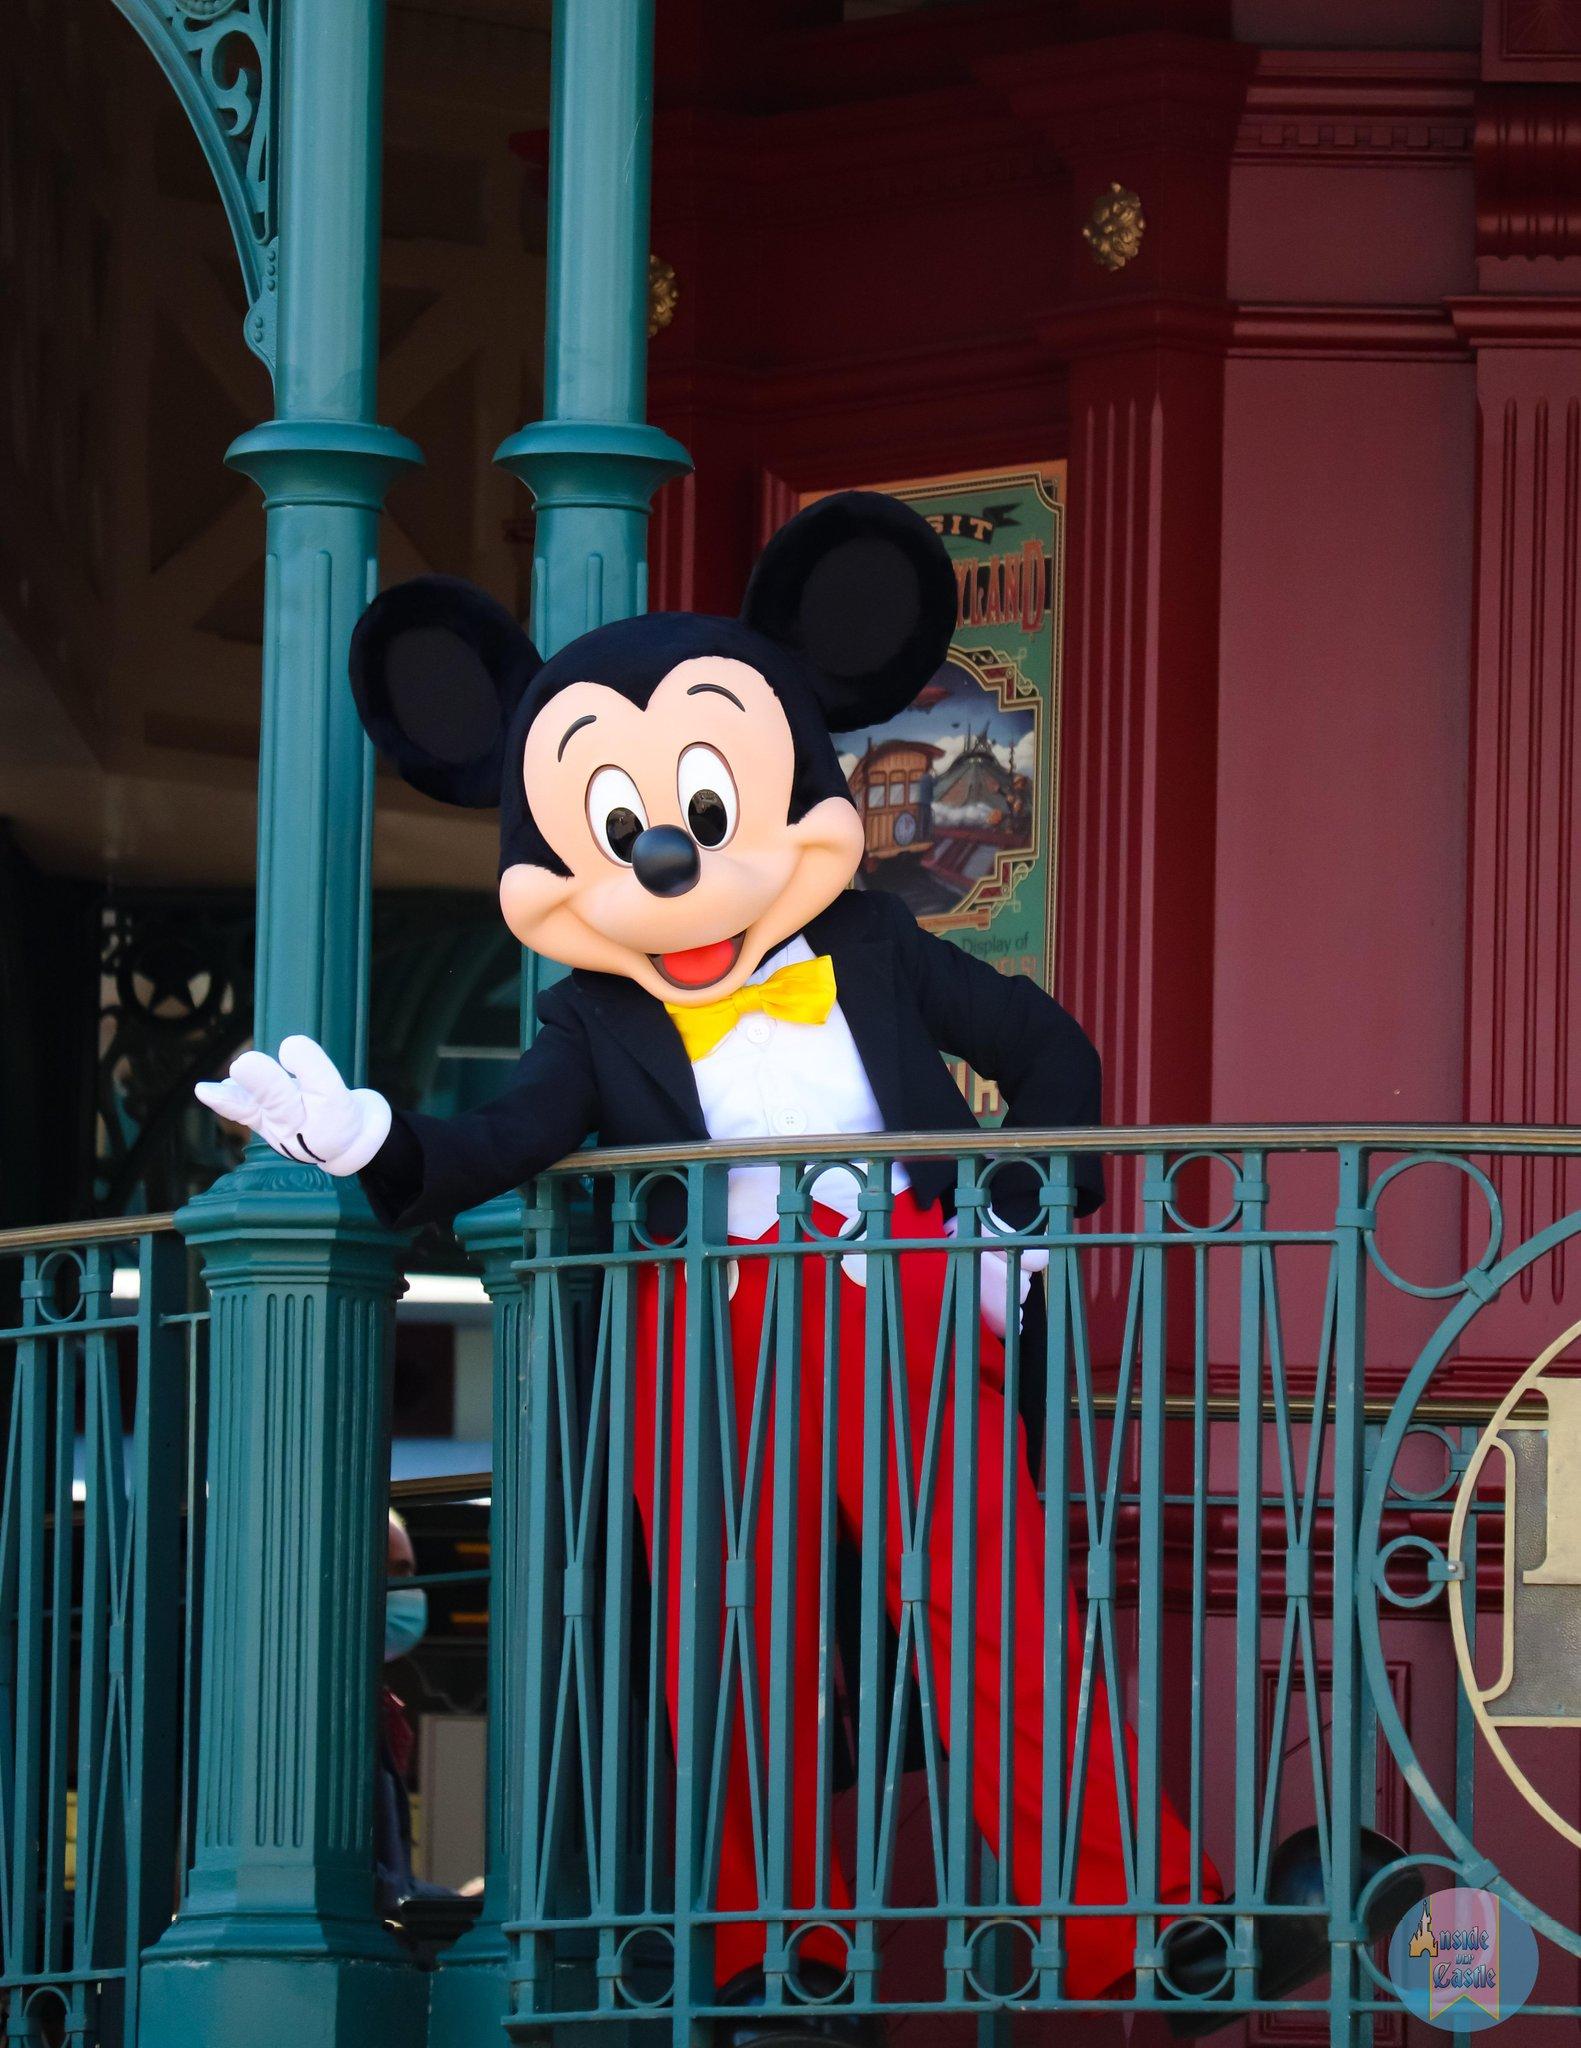 Disneyland Paris ouvert pendant la COVID-19 (juillet-octobre 2020)  - Page 2 EcrRTWcX0AAotIr?format=jpg&name=large